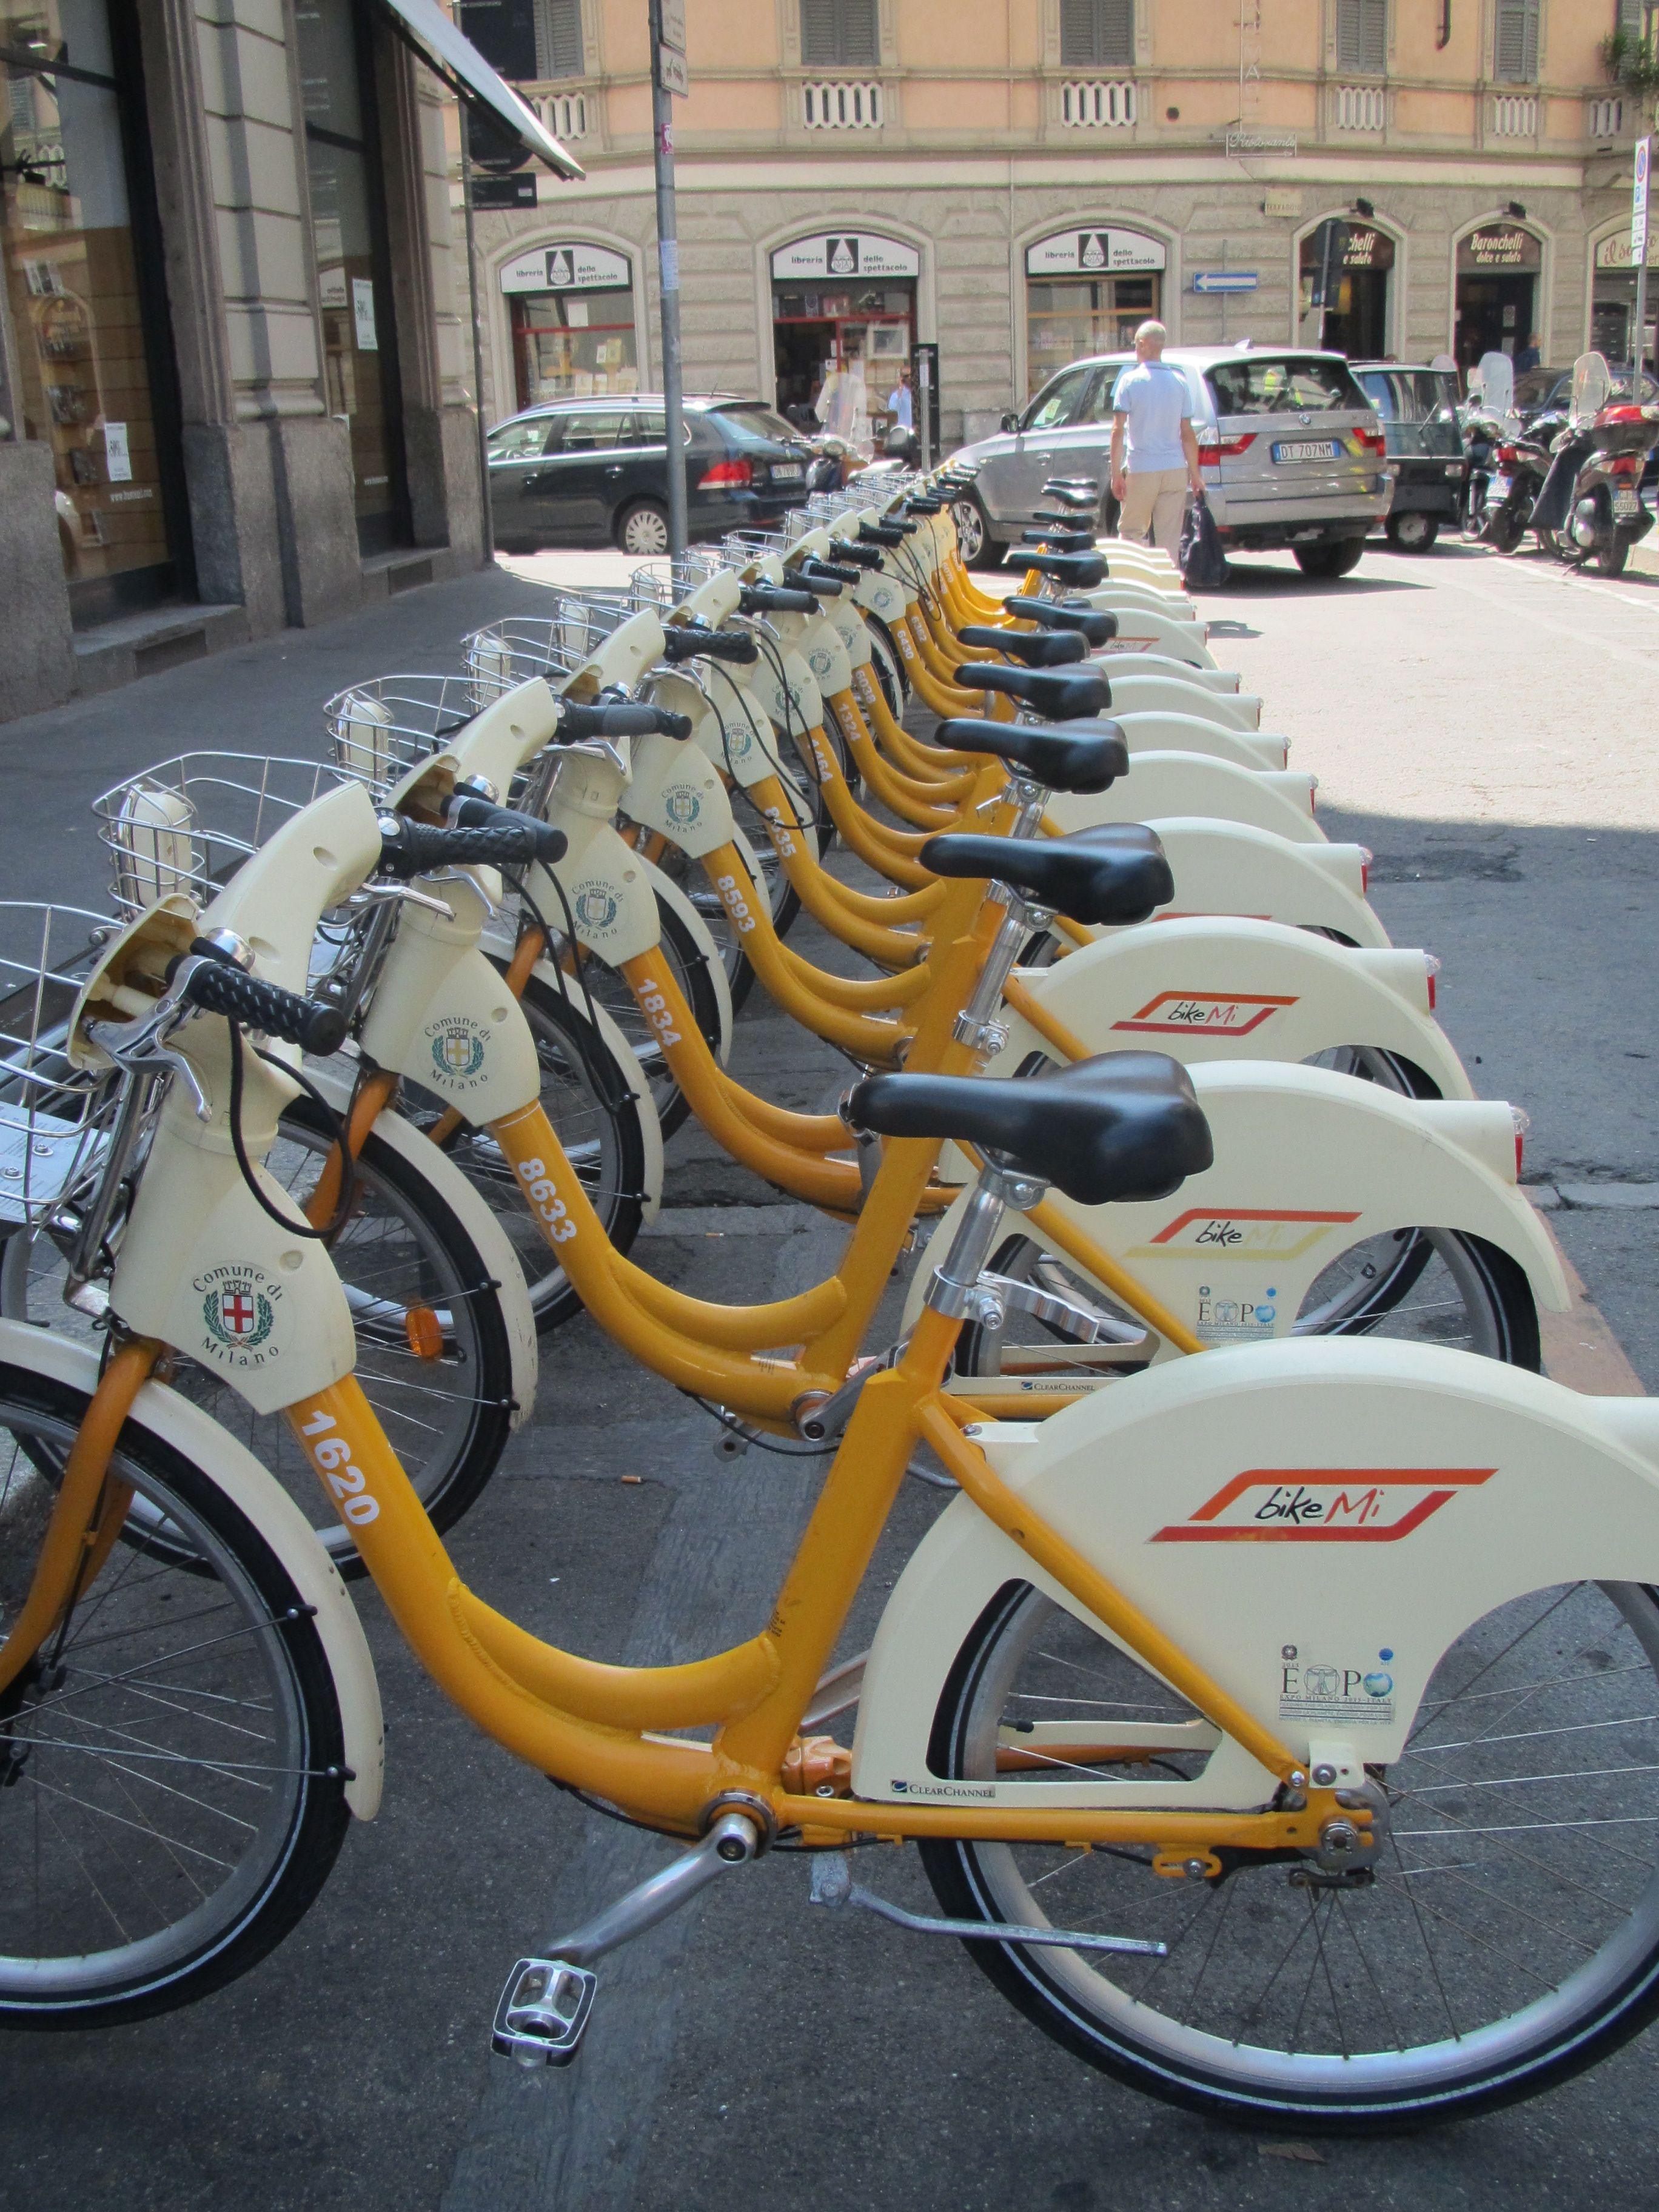 Bicycle sharing system in milan genius bike share